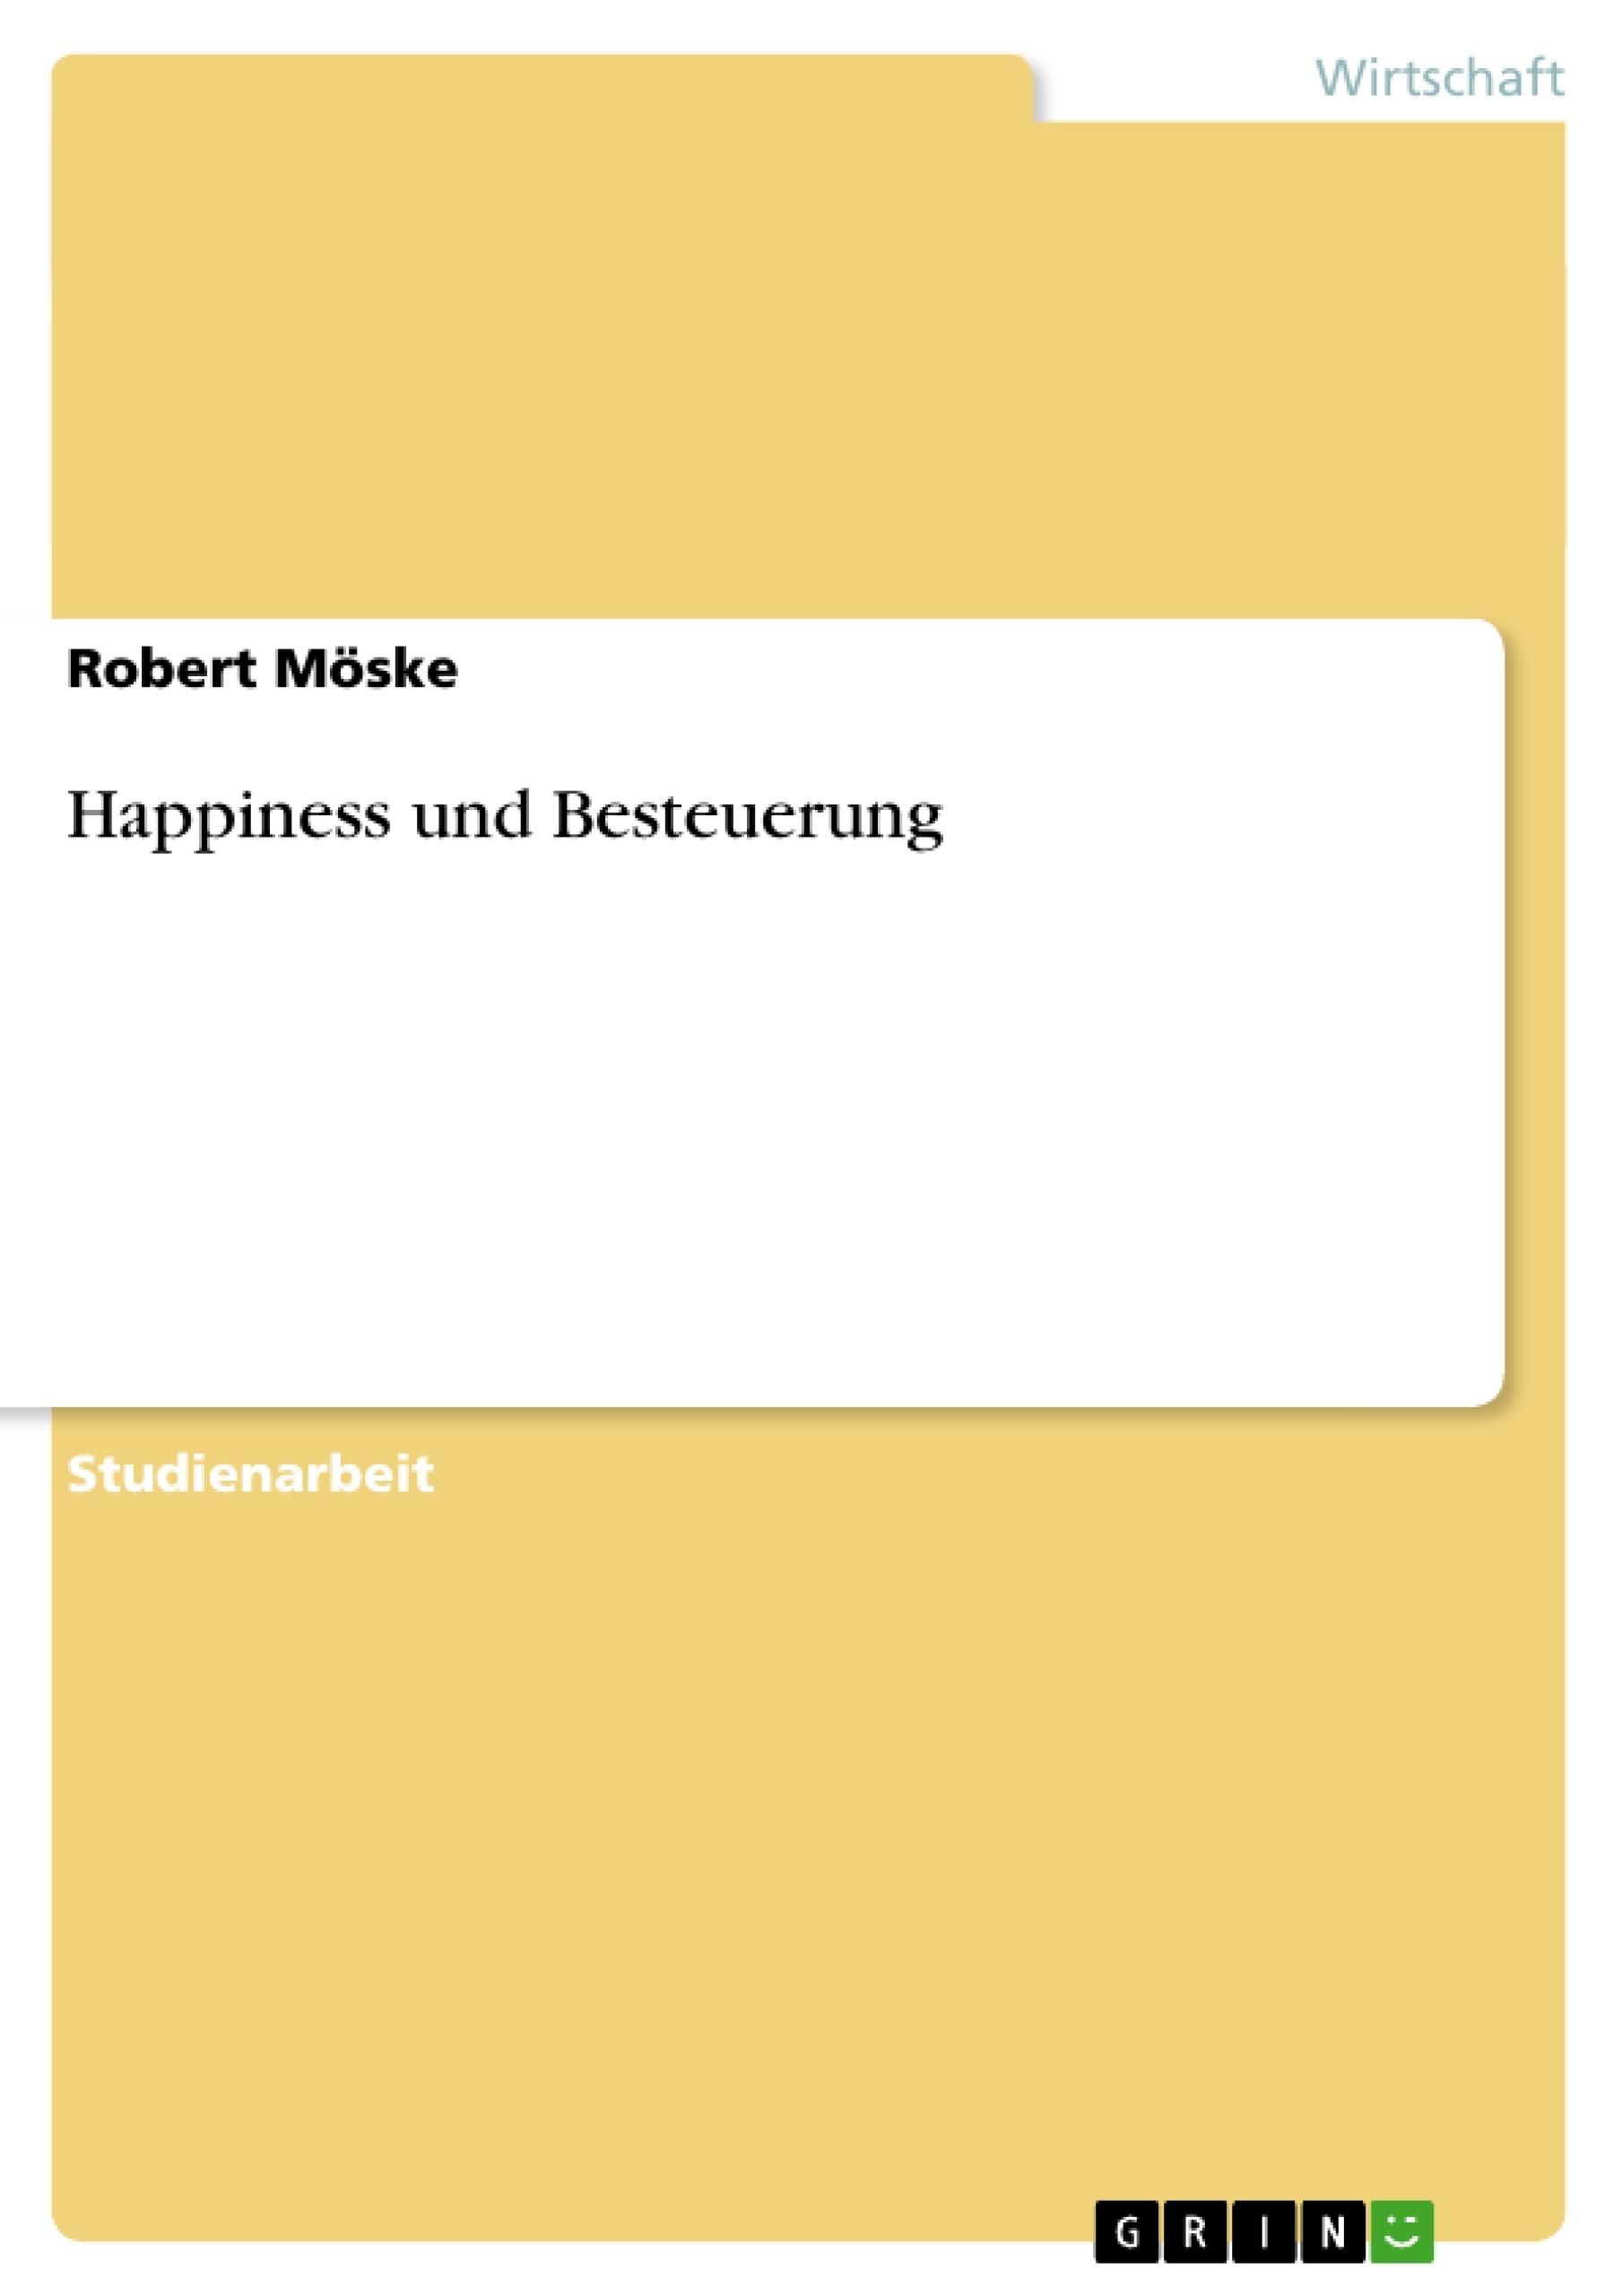 Titel: Happiness und Besteuerung